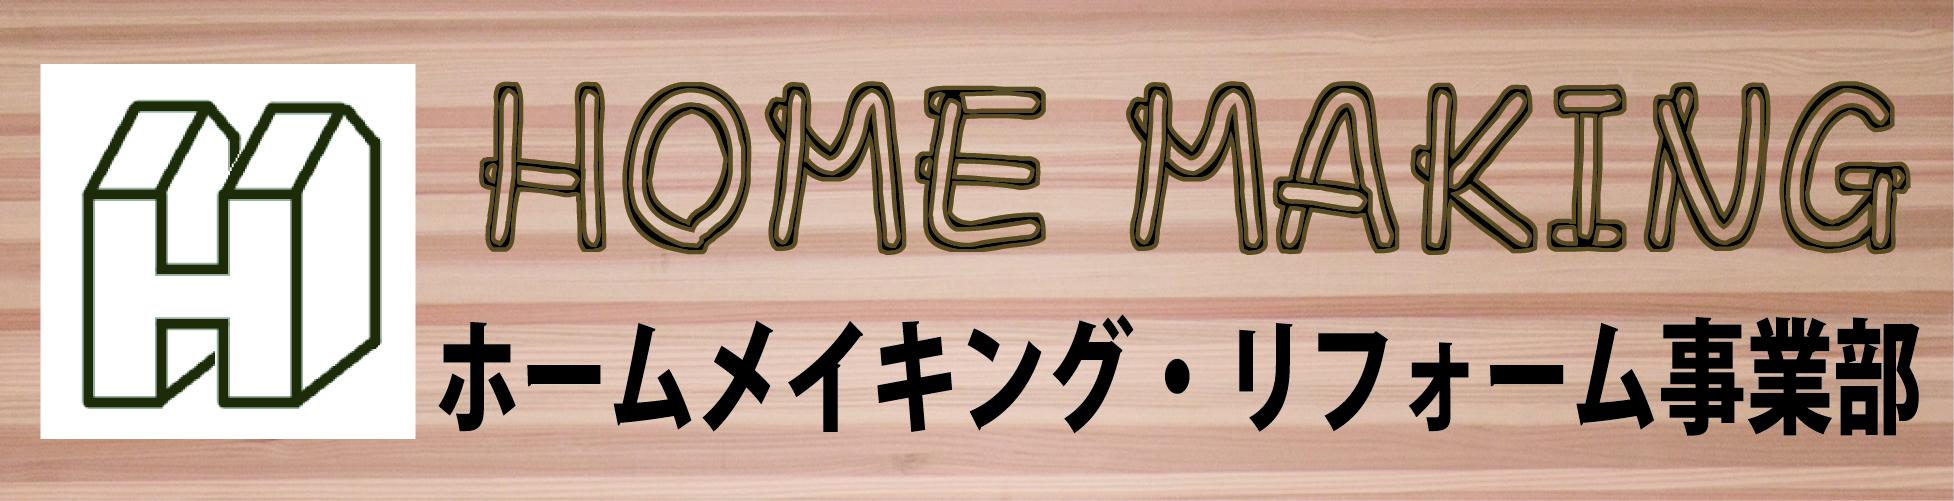 無垢材リフォーム 森のめぐみ工房 ホームメイキング 宮城県 仙台市